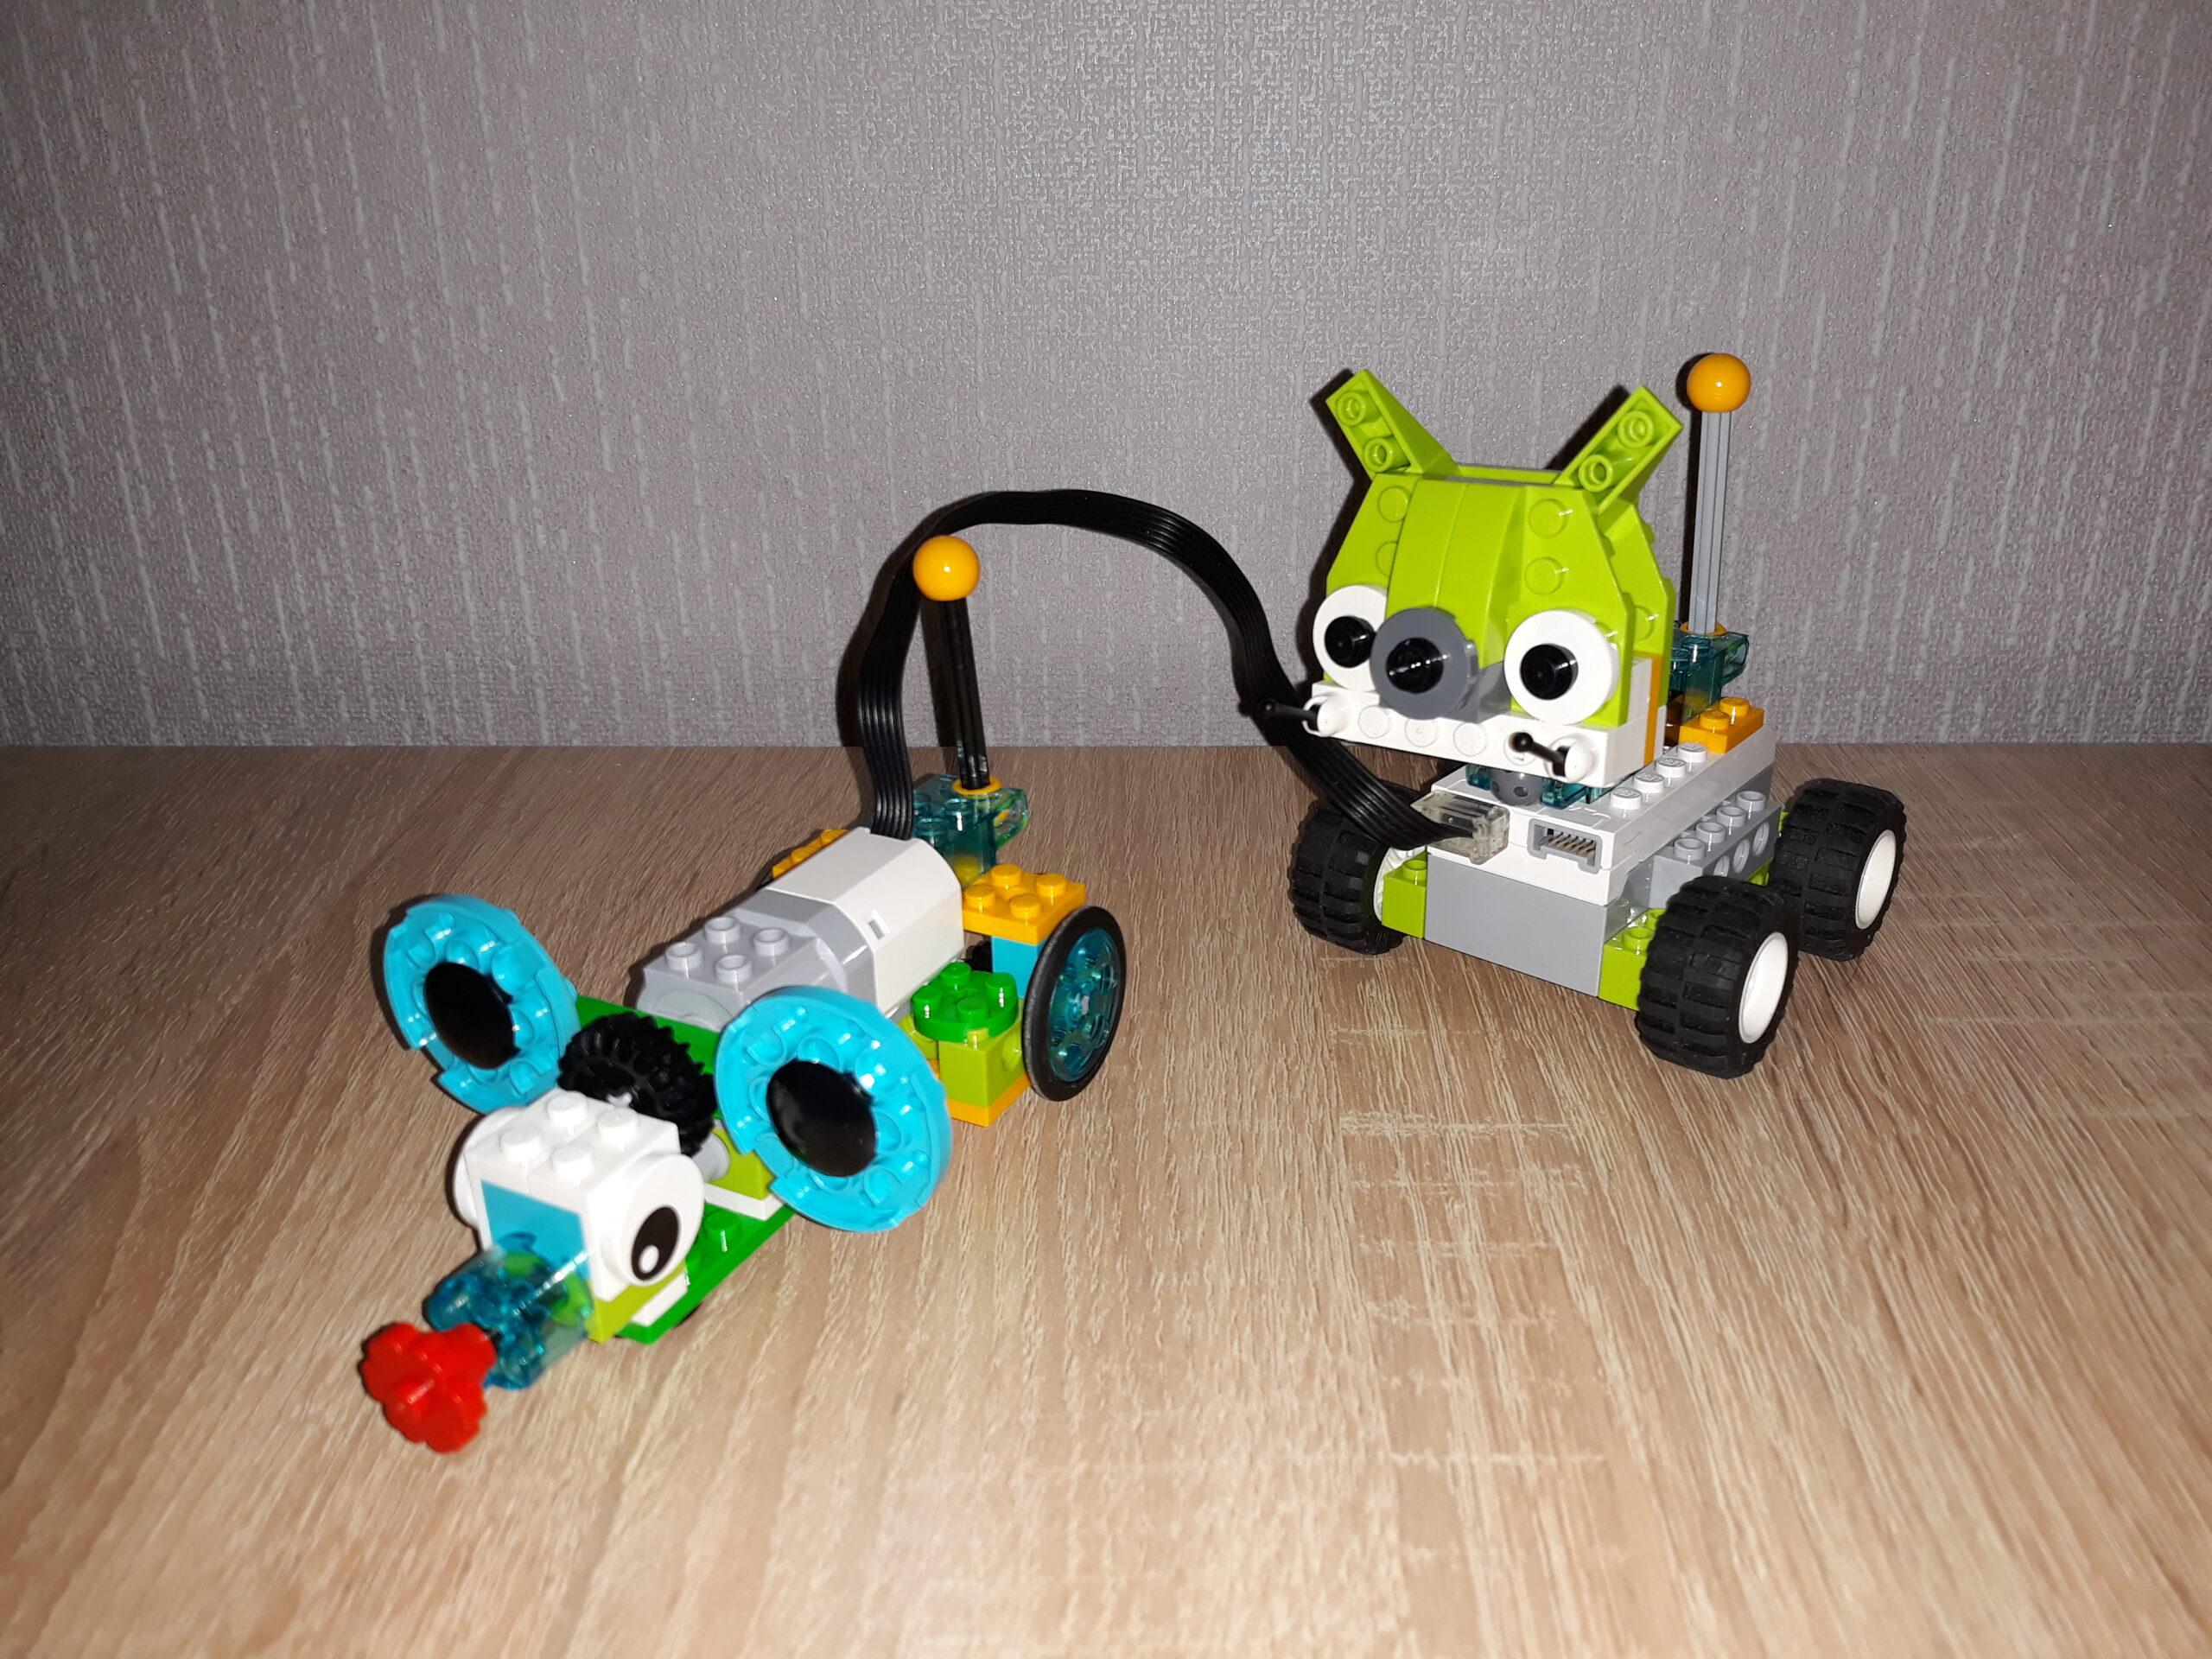 Инструкция по сборке из набора LEGO Education WeDo 2.0 Том и Джерри